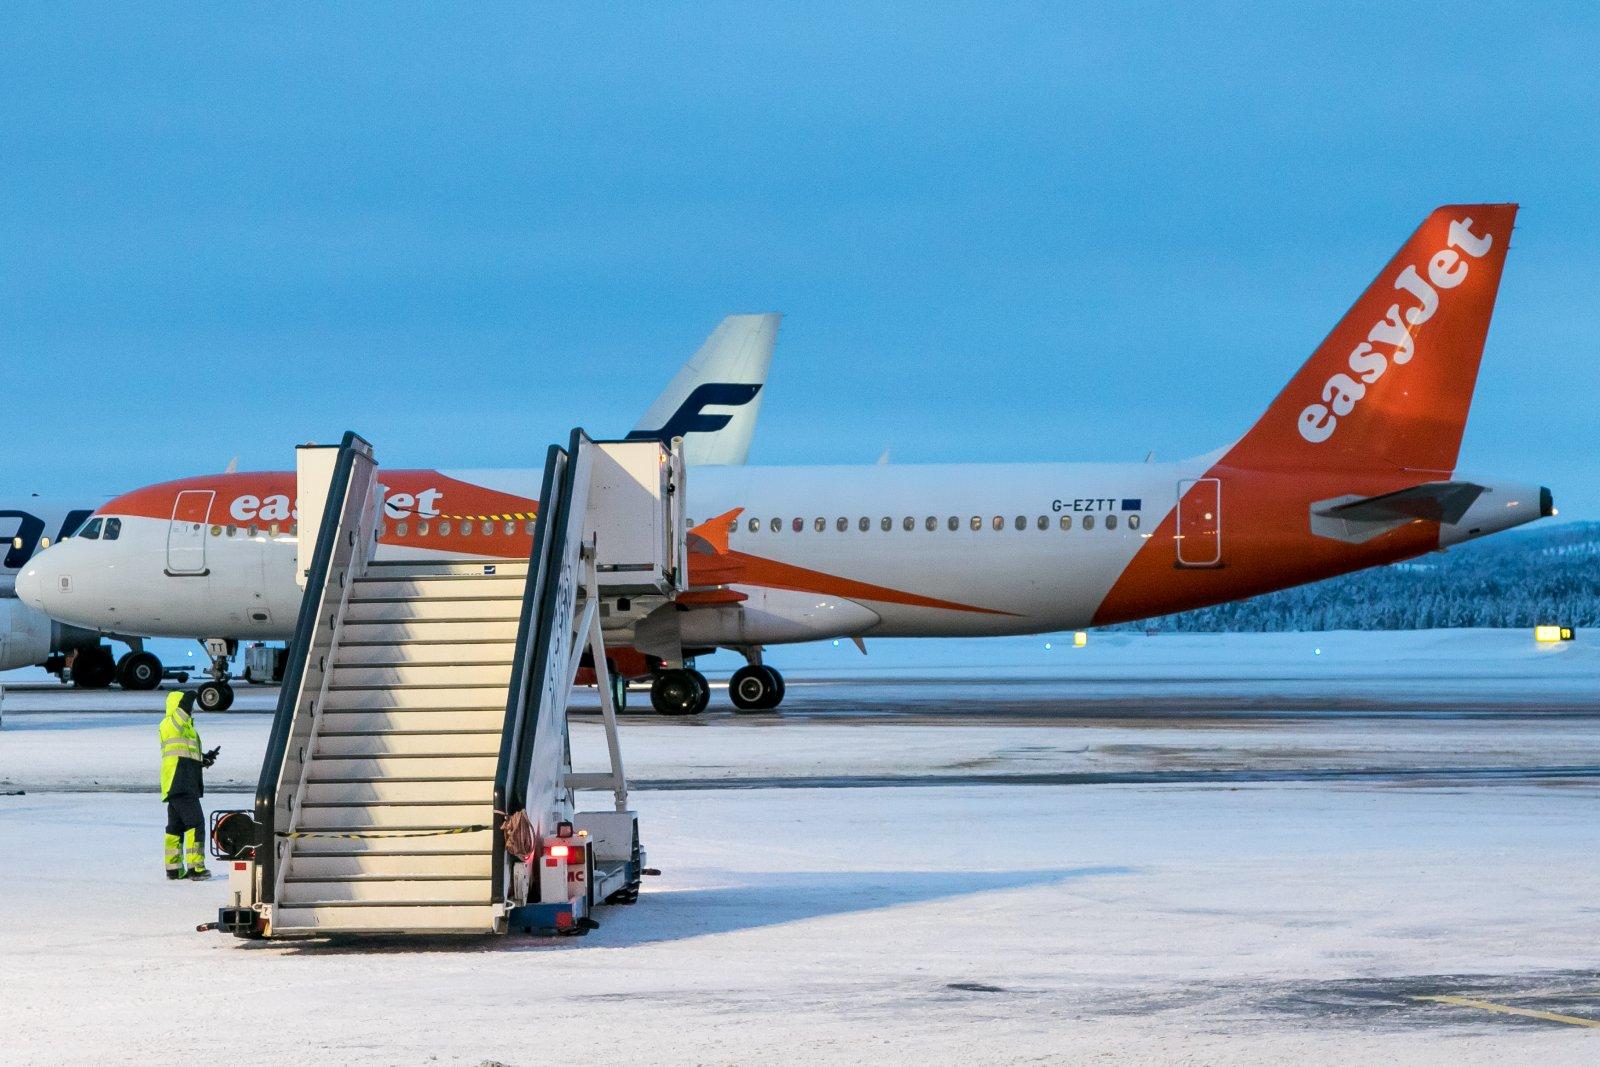 G-EZTT. Tapaninpäivän liikennettä Ivalossa.